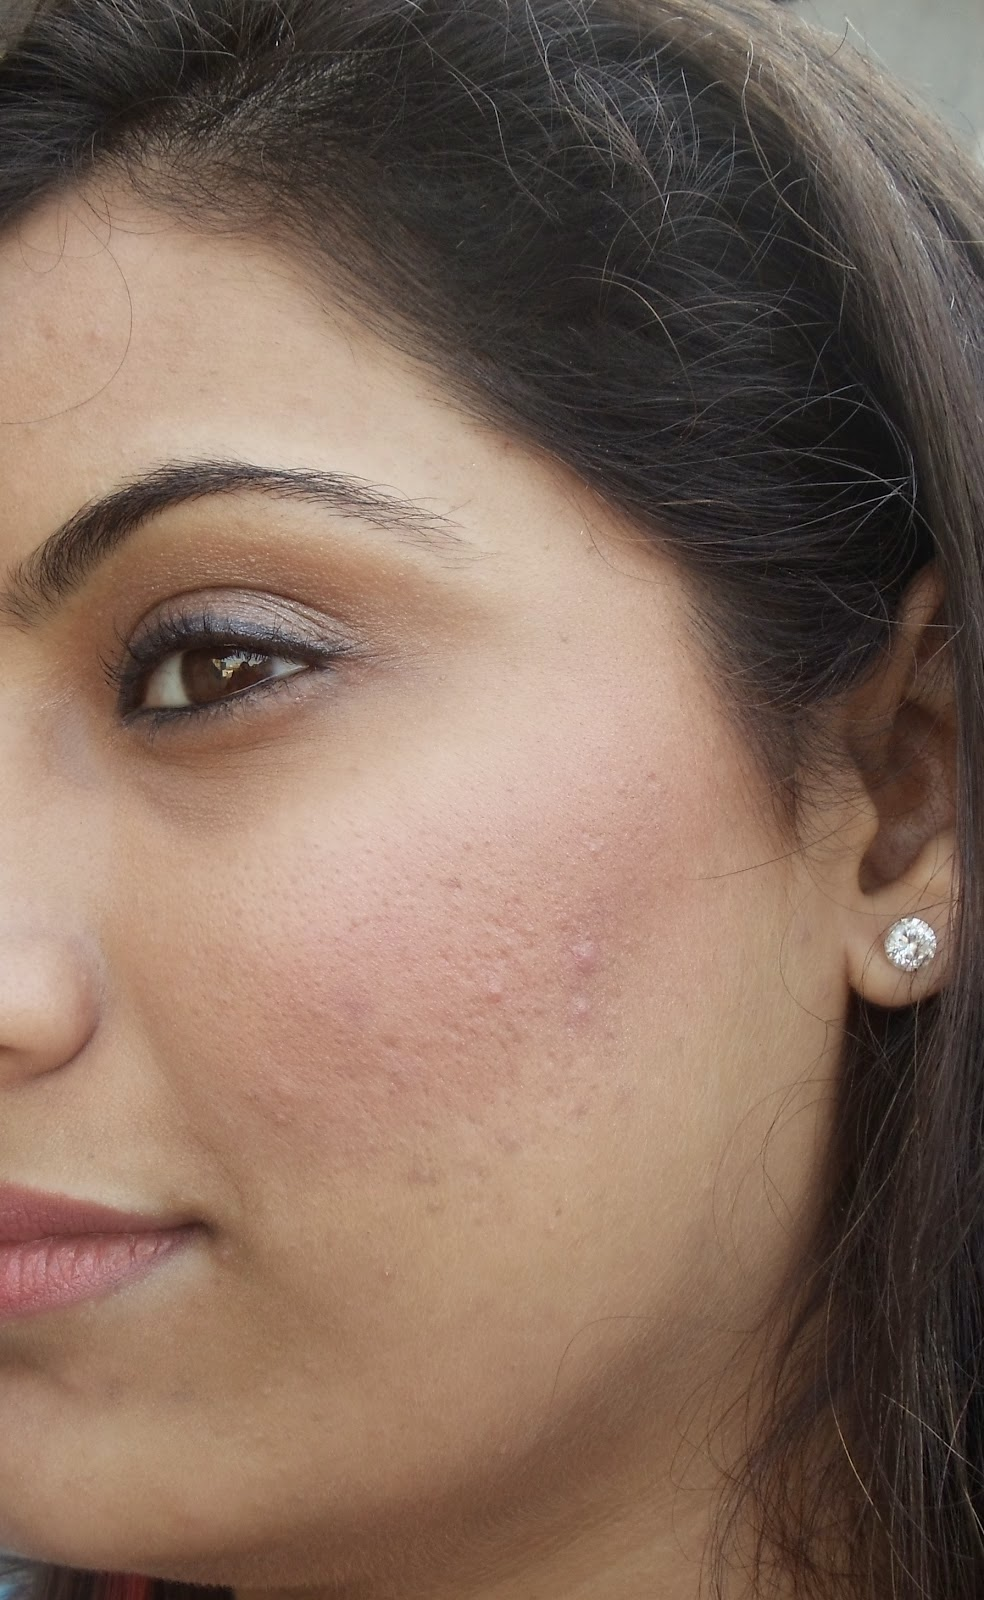 how to close your pores